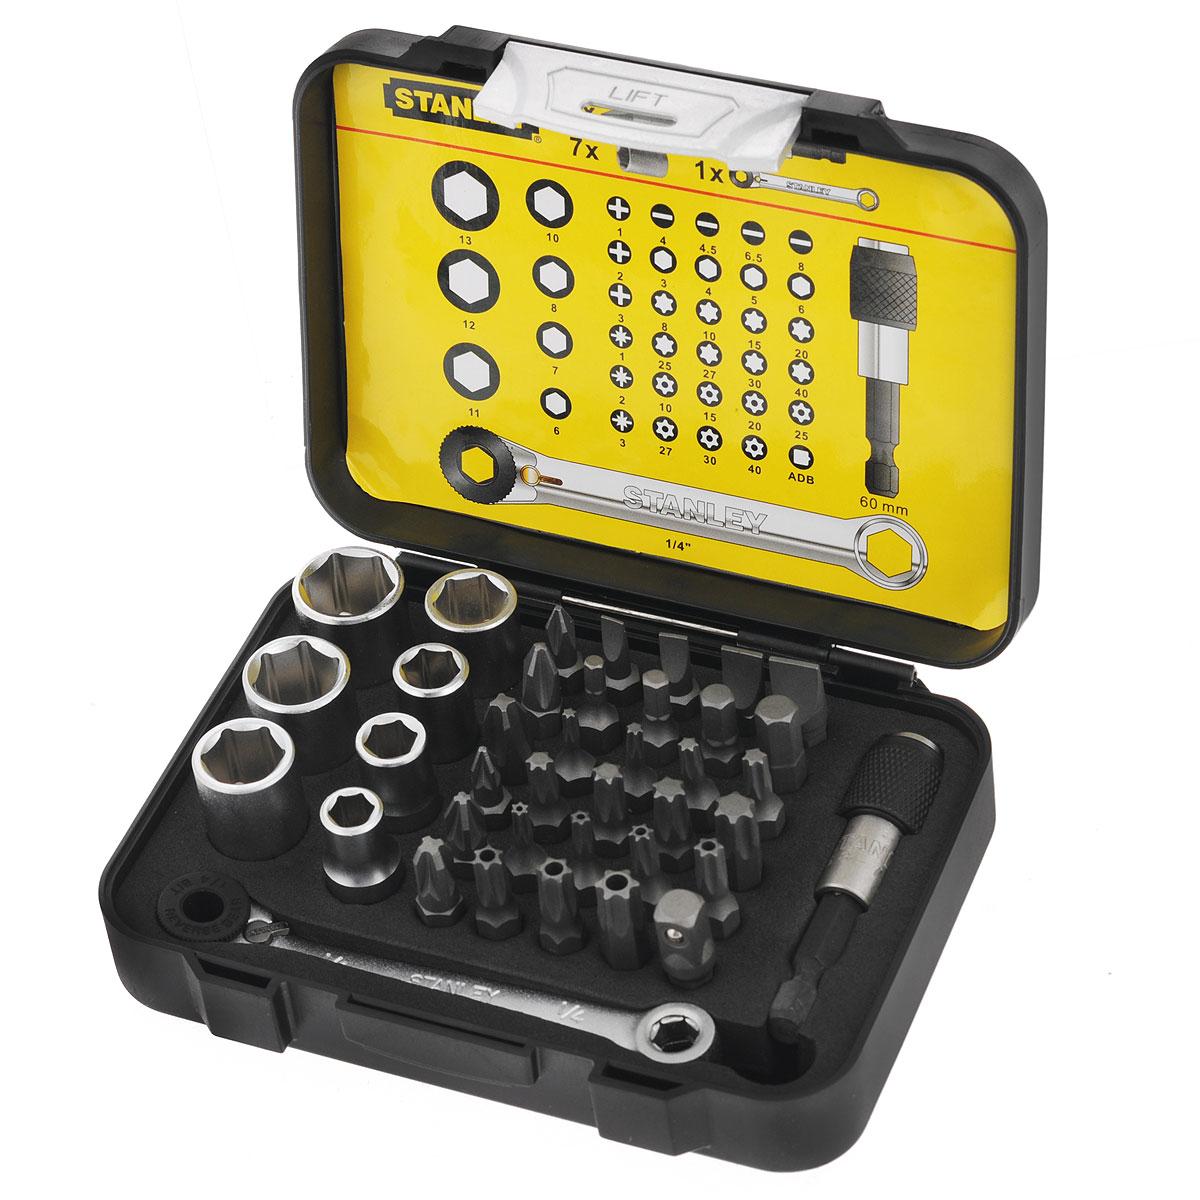 Набор бит Stanley FatMax с мини-трещоткой в виде ключа и магнитным держателем, 39 шт1-13-907Набор бит Stanley FatMax с мини-трещоткой в виде ключа и магнитным держателем используется в качестве сменных насадок для отверток. Каждая вставка выполнена из высококачественной стали. Состав набора: Вставки под прямой шлиц: 0,4 см, 0,45 см, 0,65 см, 0,8 см. Вставки под шлиц Phillips: PH1, PH2, PH3. Вставки под шлиц Pozidriv: PZ1, PZ2, PZ3. Вставки под шестигранный шлиц: 0,3 см, 0,4 см, 0,5 см, 0,6 см. Вставки под шлиц Torx: T8, T10, T15, T20, T25, T27, T30, T40. Вставки под шлиц Tamperproof Torx: T10, T15, T20, T25, T27, T30, T40. Головки торцевые 1/4: 0,6 см, 0,7 см, 0,8 см, 1 см, 1,1 см, 1,2 см, 1,3 см. Магнитный держатель для вставок: 6 см. Мини-трещотка 1/4 Переходник шестигранник 1/4 дюйма М-1/4дюйма М